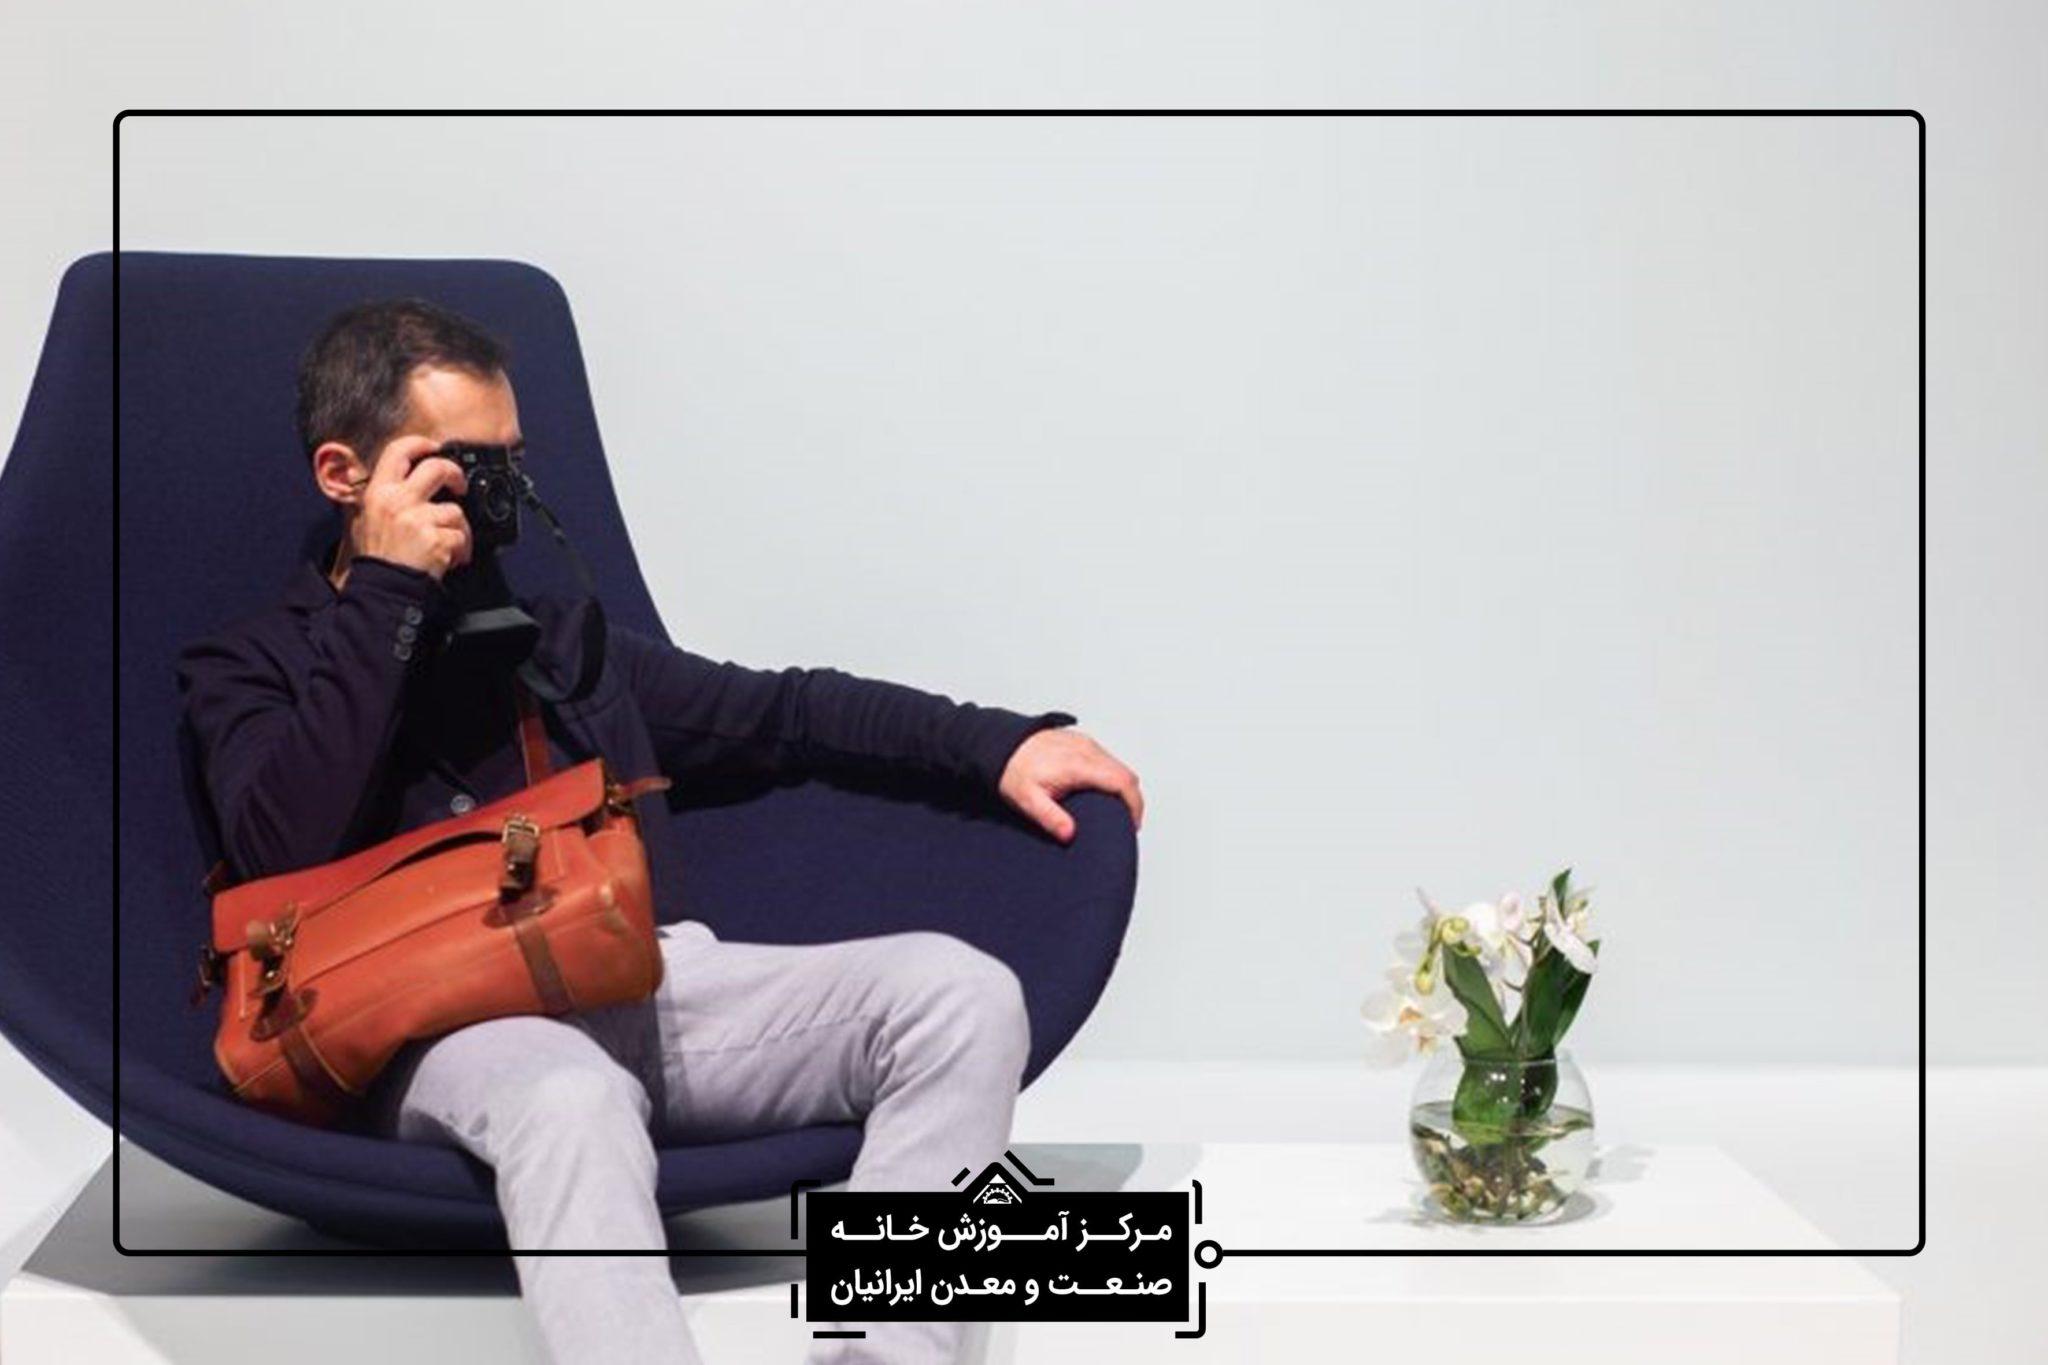 نرم افزار معماری در شیراز 1 - آموزش طراحی دکوراسیون داخلی در شیراز